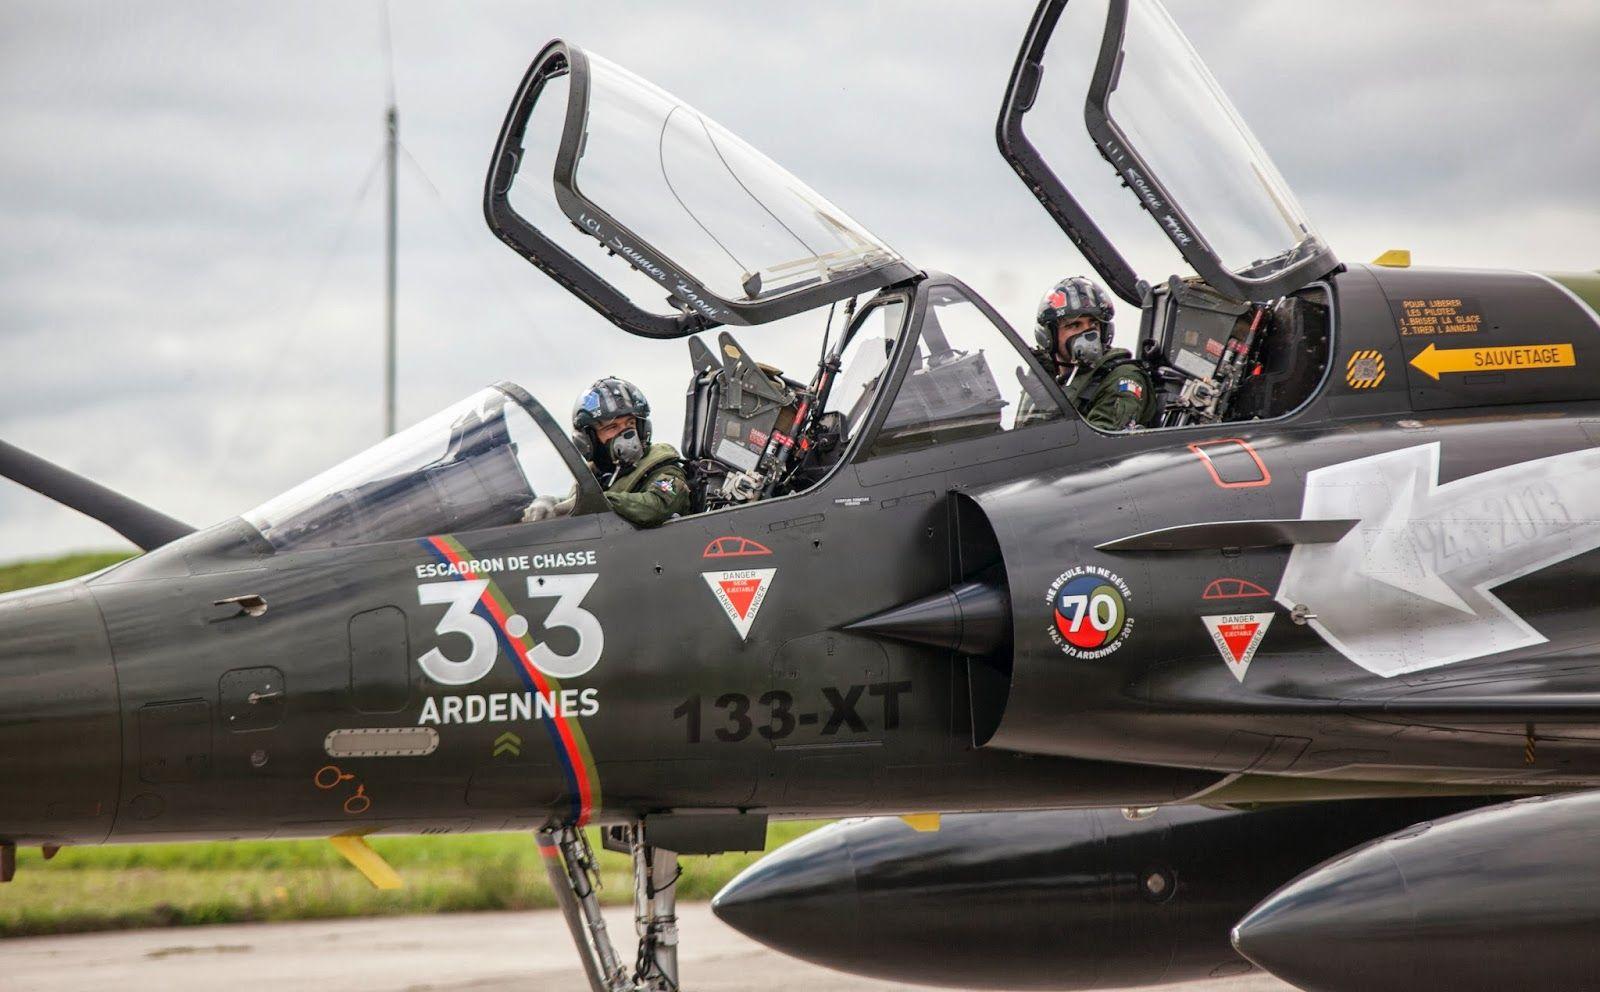 Mirage 2000 D sur la base 133 Nancy-Ochey, lors des 70 ans de l'escadron de chasse 3.3 Ardennes, (le 20 septembre 2013)